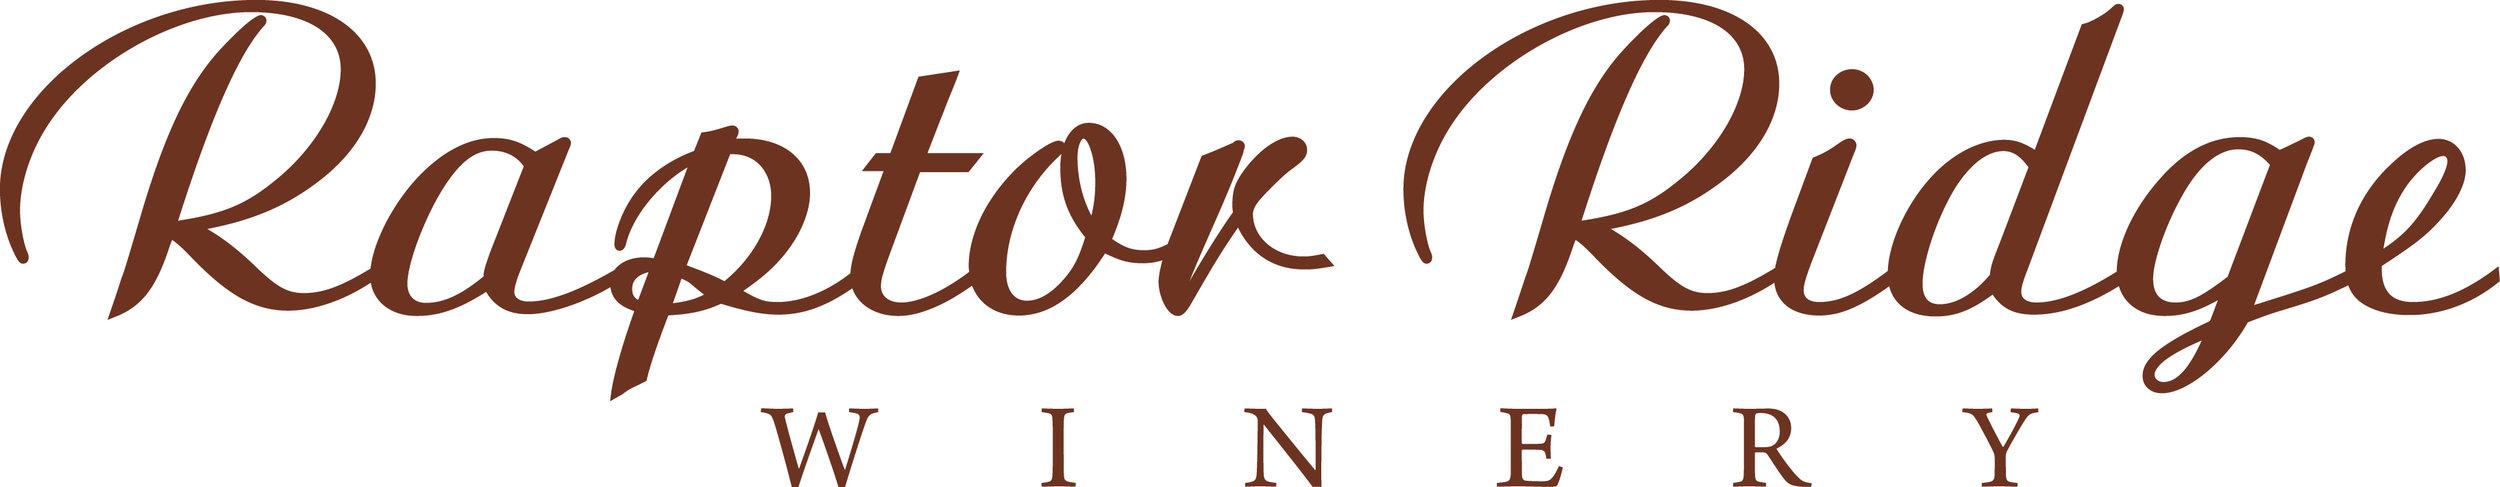 rr_logo2014.jpg